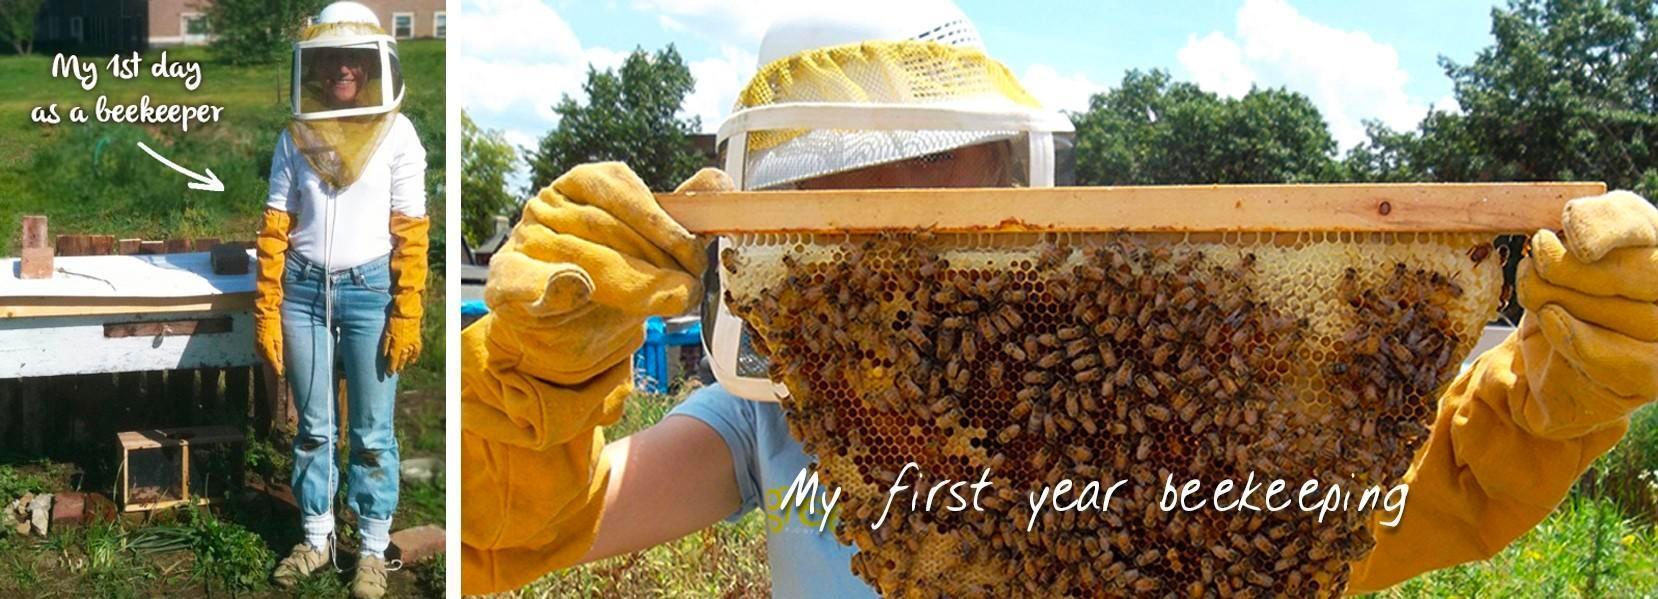 female beekeeper and top bar hive